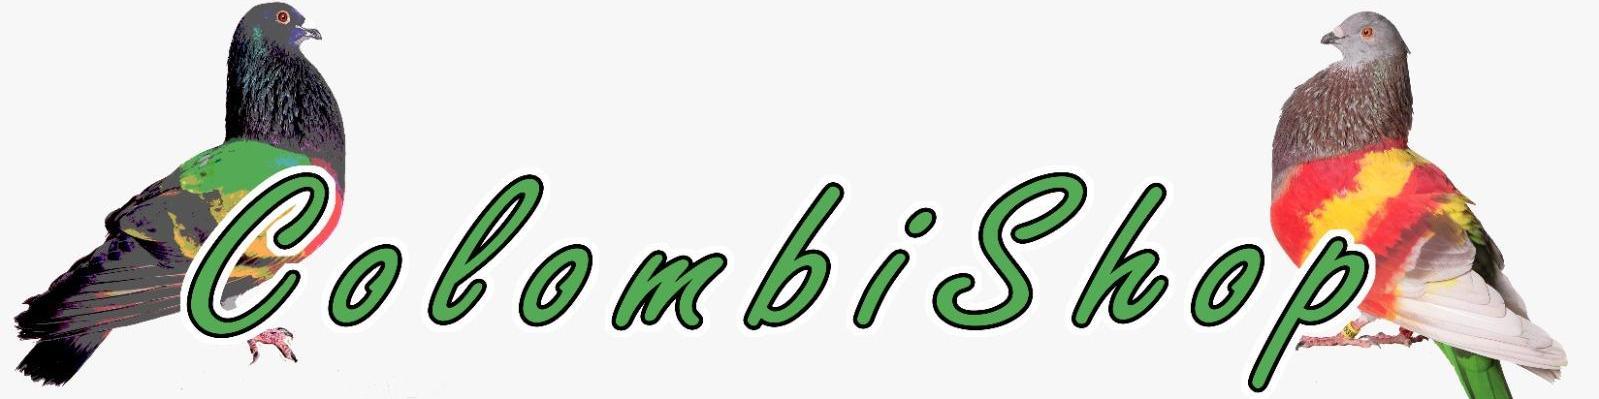 colombishop